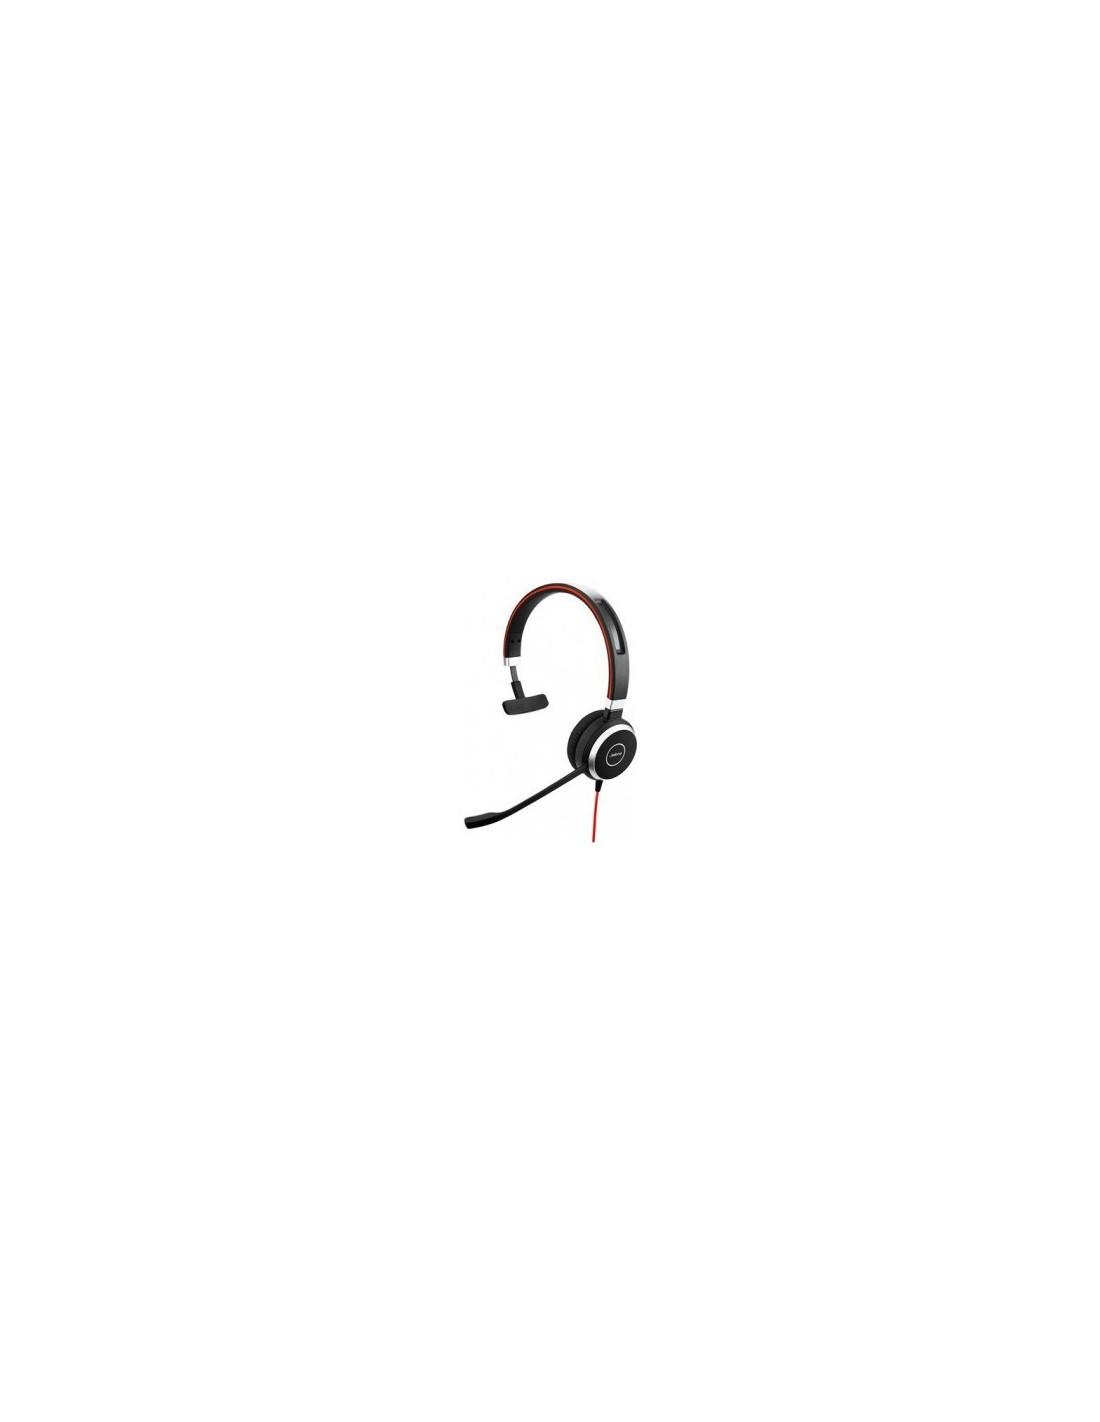 Jabra Evolve 65 Uc Mono Wireless Headset With Jabra Link: Jabra EVOLVE 65 MS Mono USB Headband